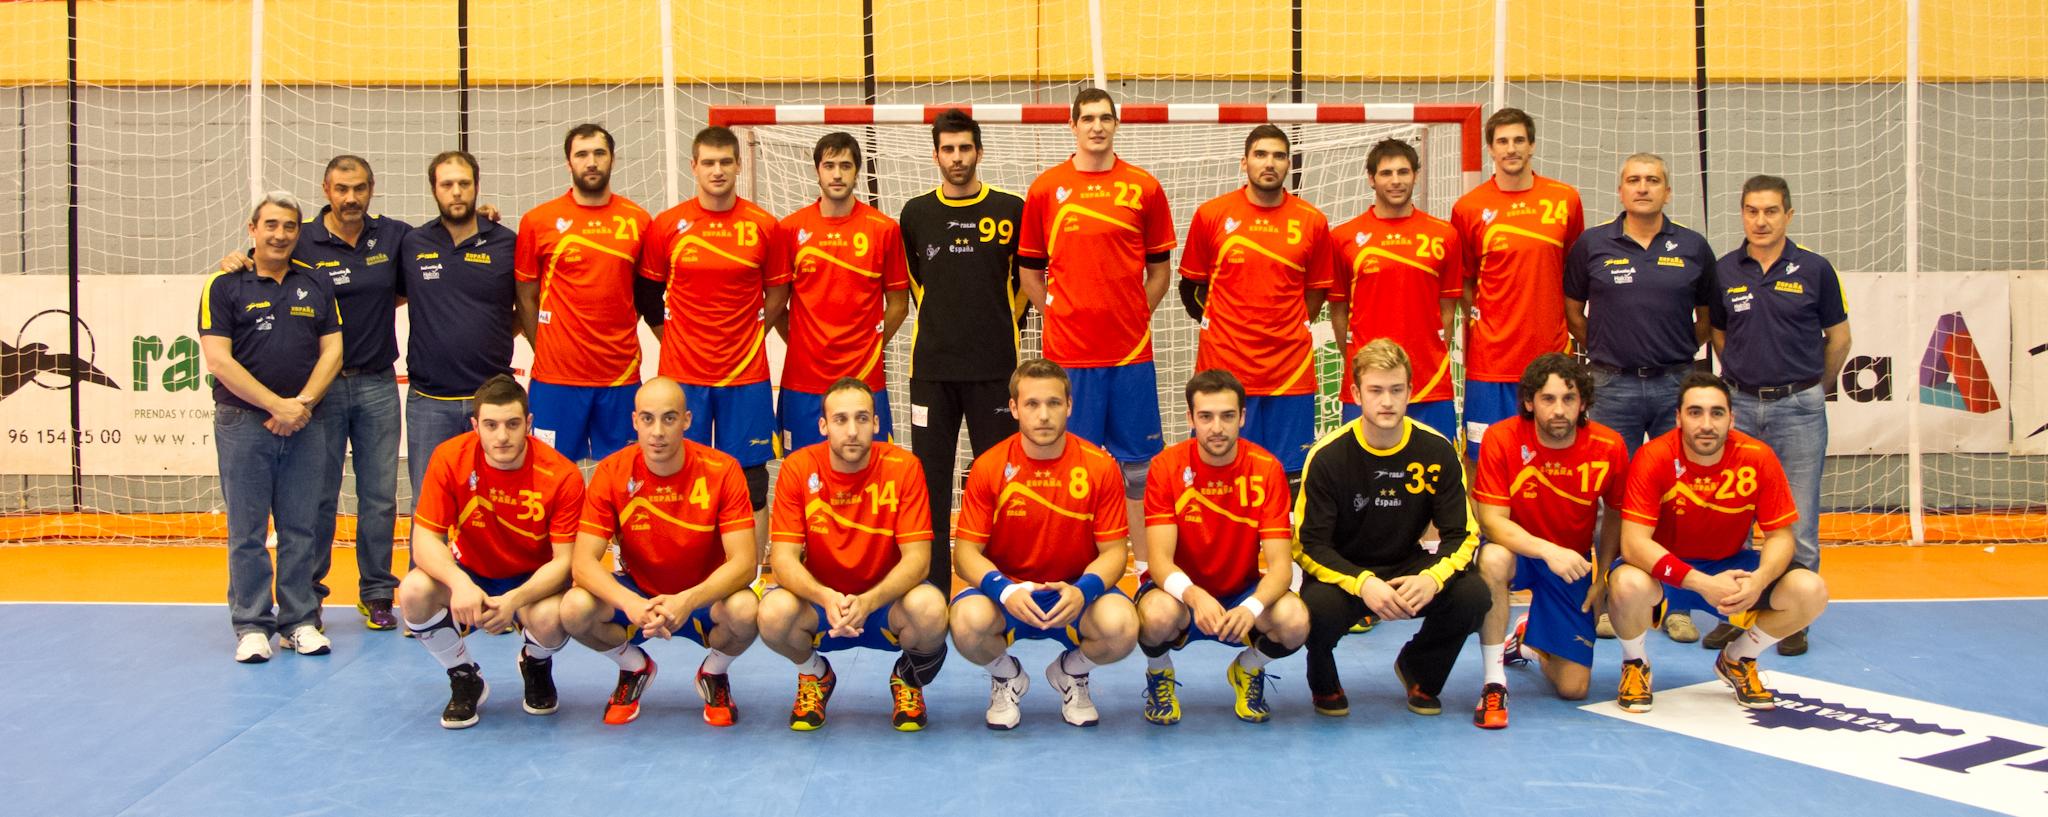 svensk håndbold landshold 2016